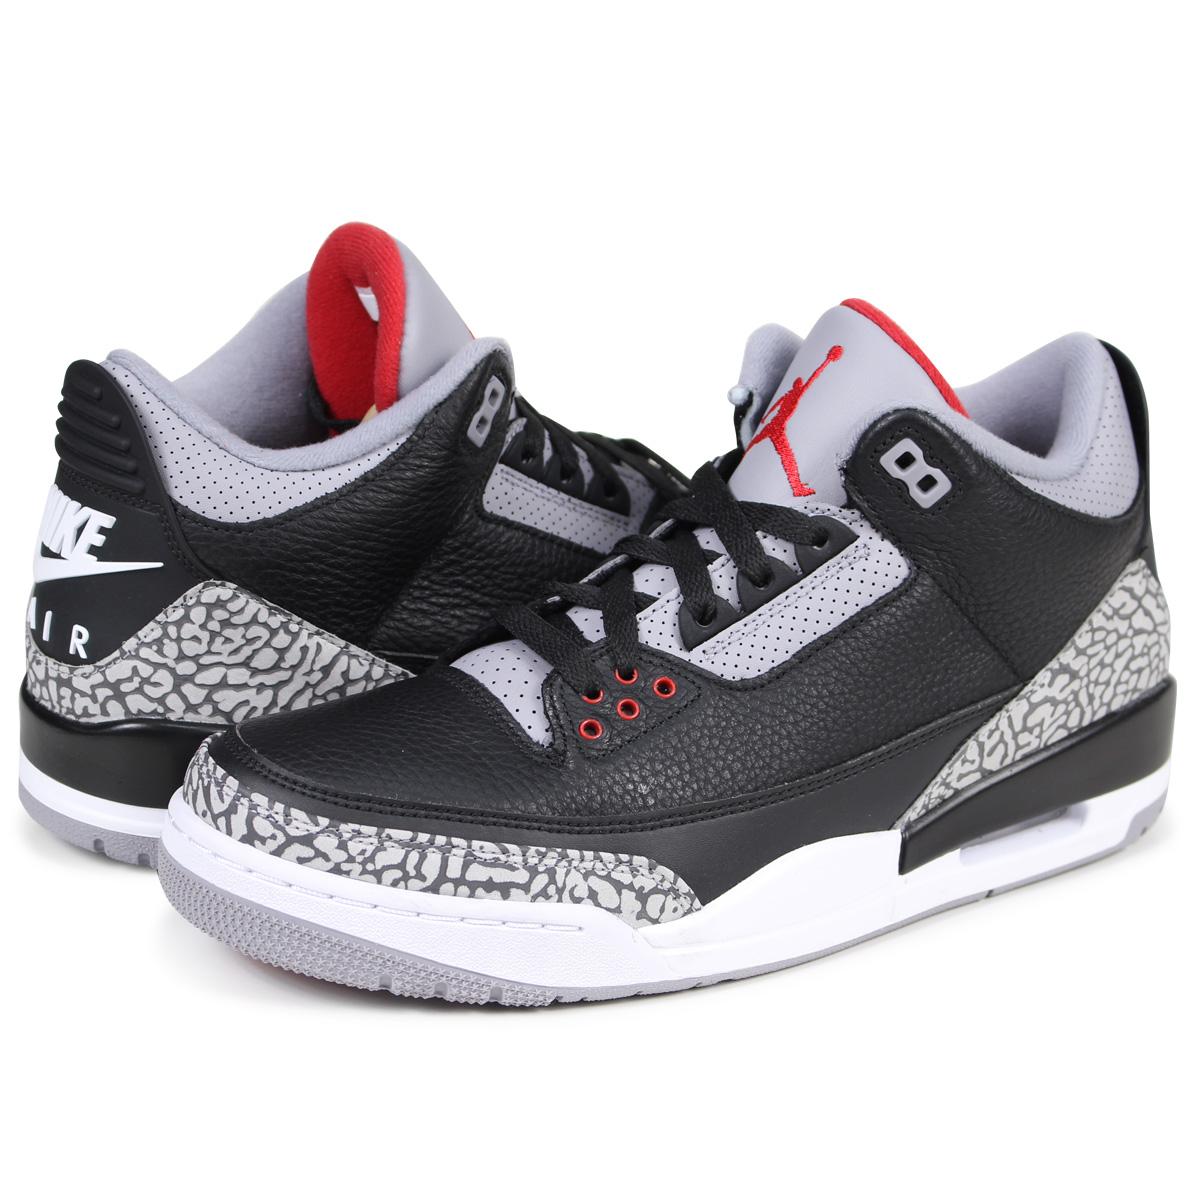 6bd5ea1f2b6 NIKE AIR JORDAN 3 RETRO OG Nike Air Jordan 3 nostalgic sneakers men  854,262-001 ...